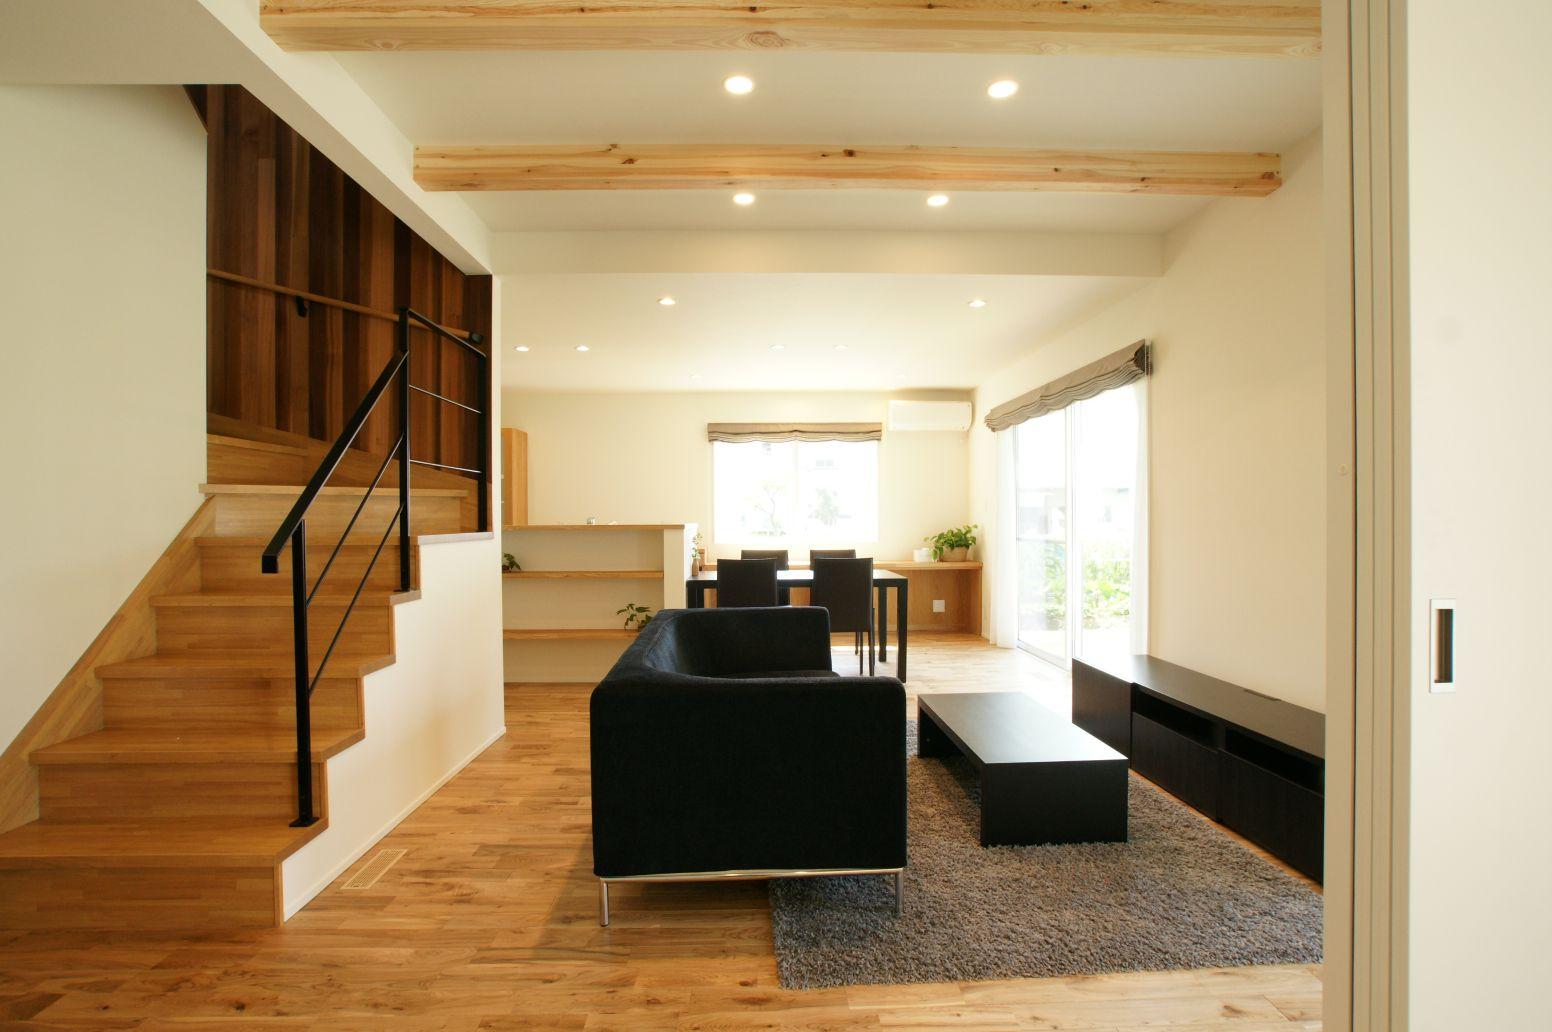 RIKYU (リキュー)【デザイン住宅、建築家、インテリア】化粧張りとアイアンの手すりがアクセントになっている